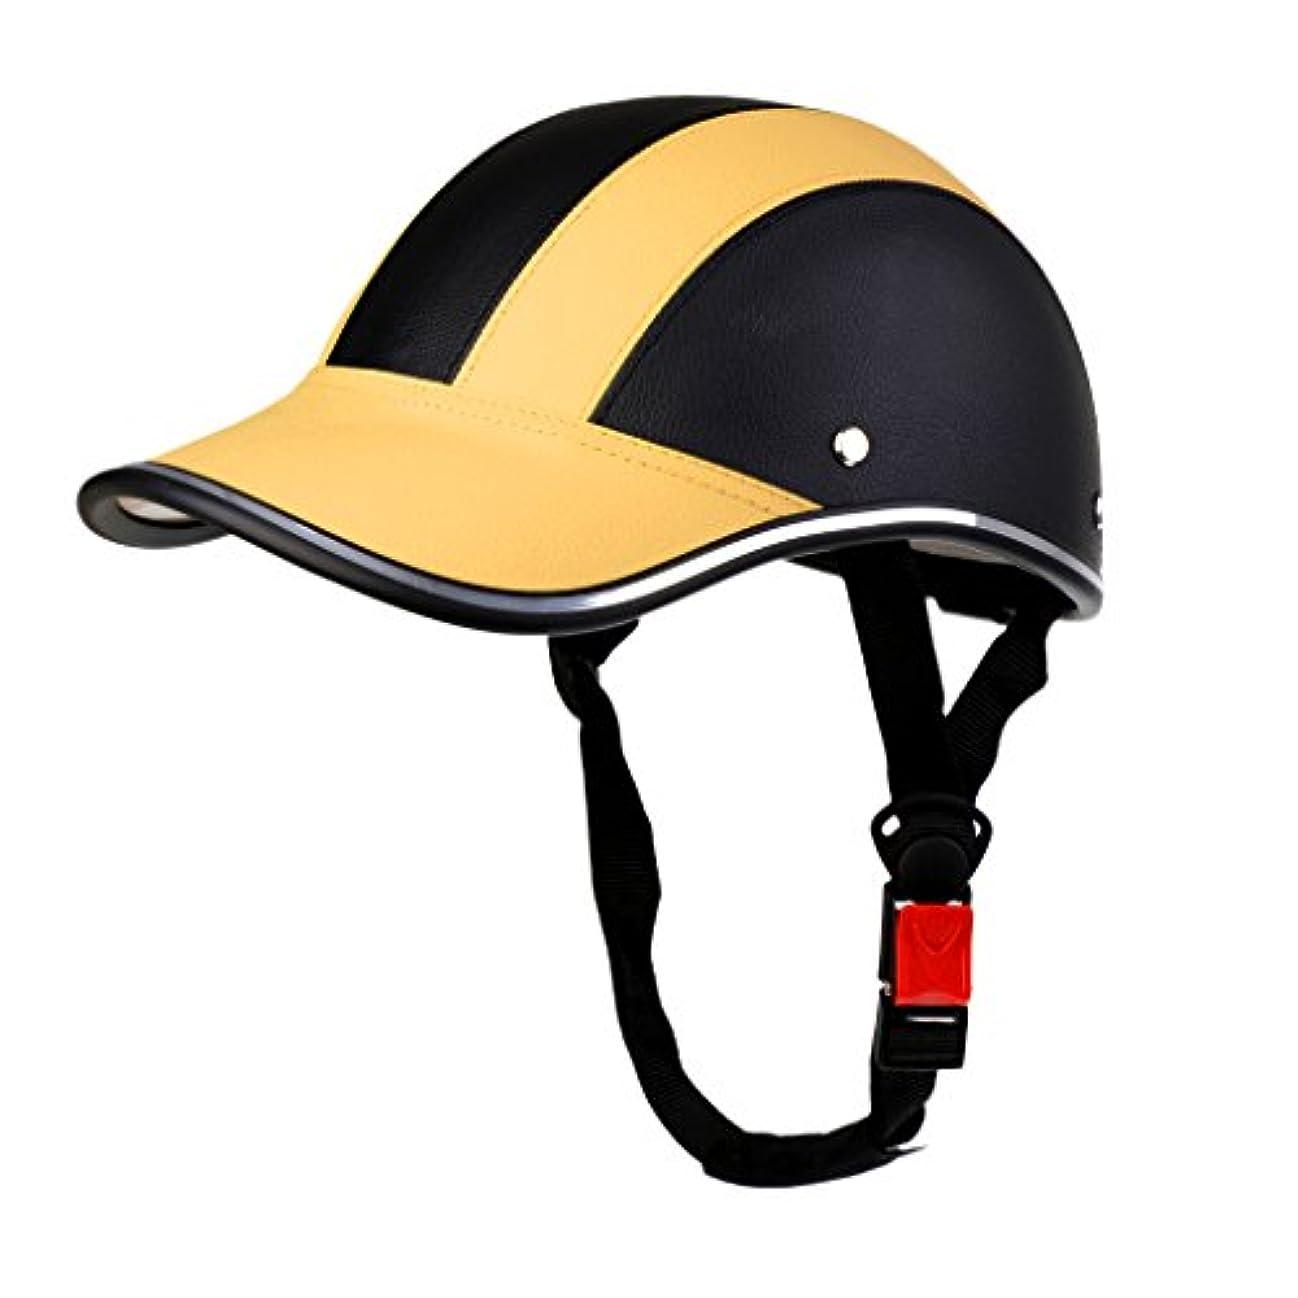 降伏リンク許可するBaosity 選択 男女兼用 ヘルメット 野球 帽子 キャップ 抗UV 登山 オートバイ サイクリング 防雨 防雪 軽量 安全